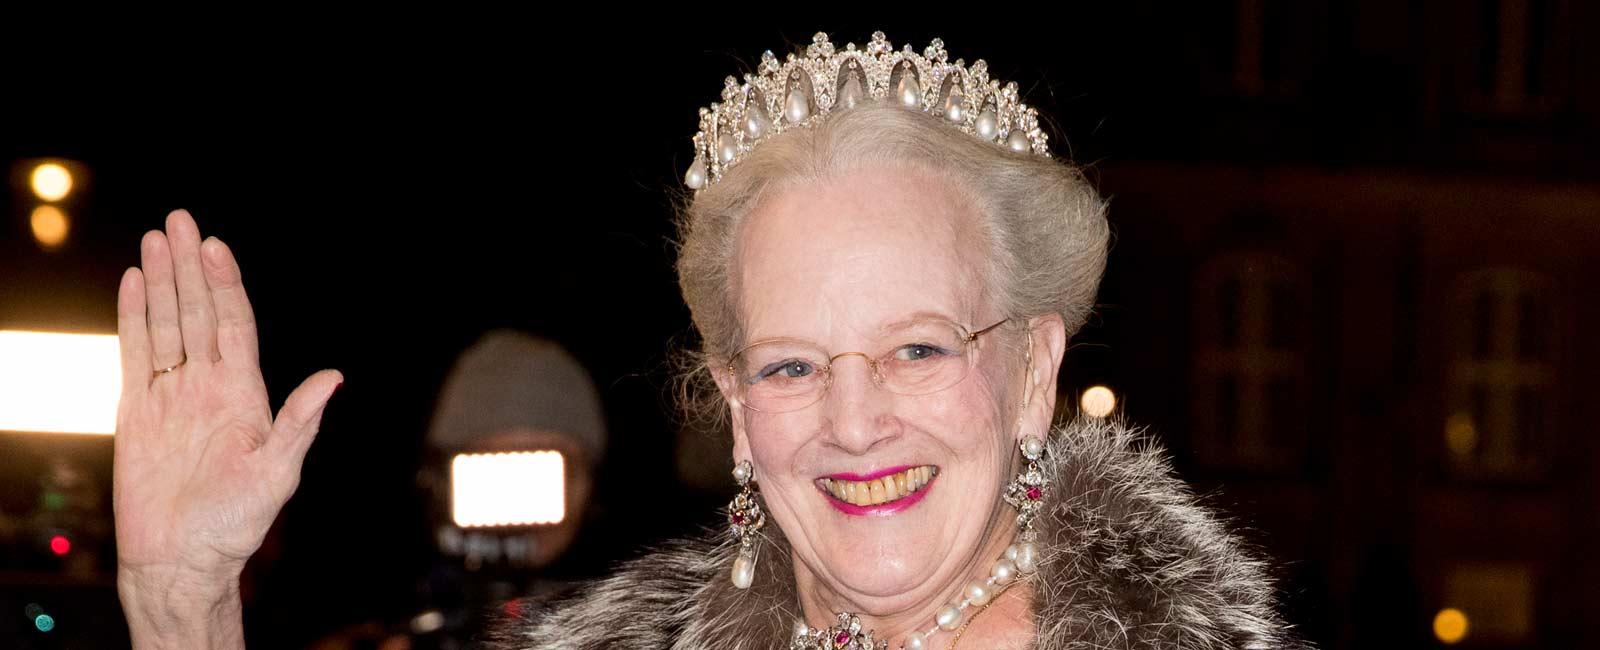 La Familia Real Danesa, recibe el Año Nuevo